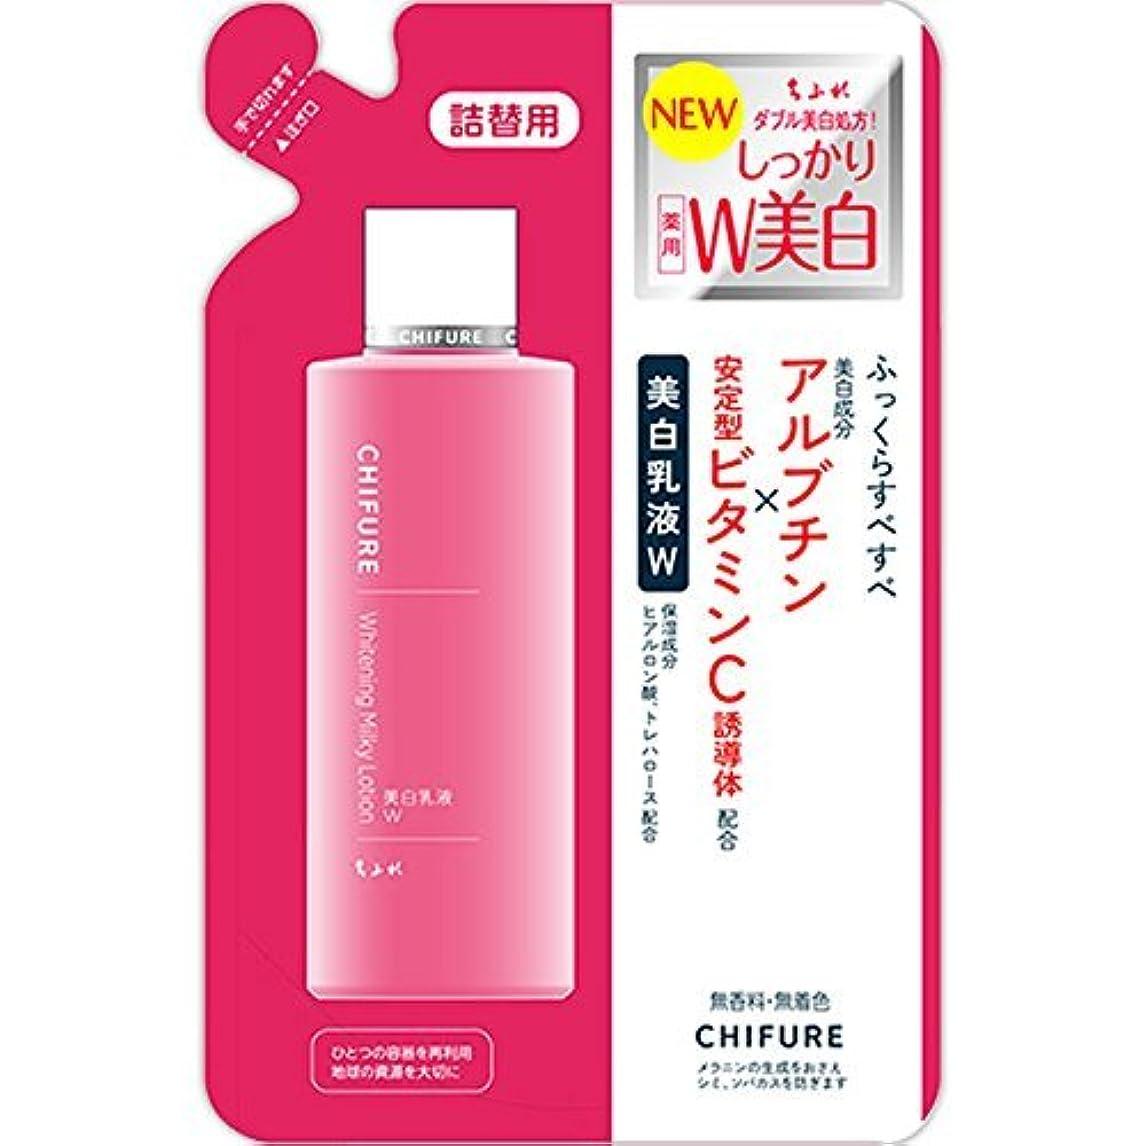 式マニュアル思いやりちふれ化粧品 美白乳液 W 詰替 150ML (医薬部外品)